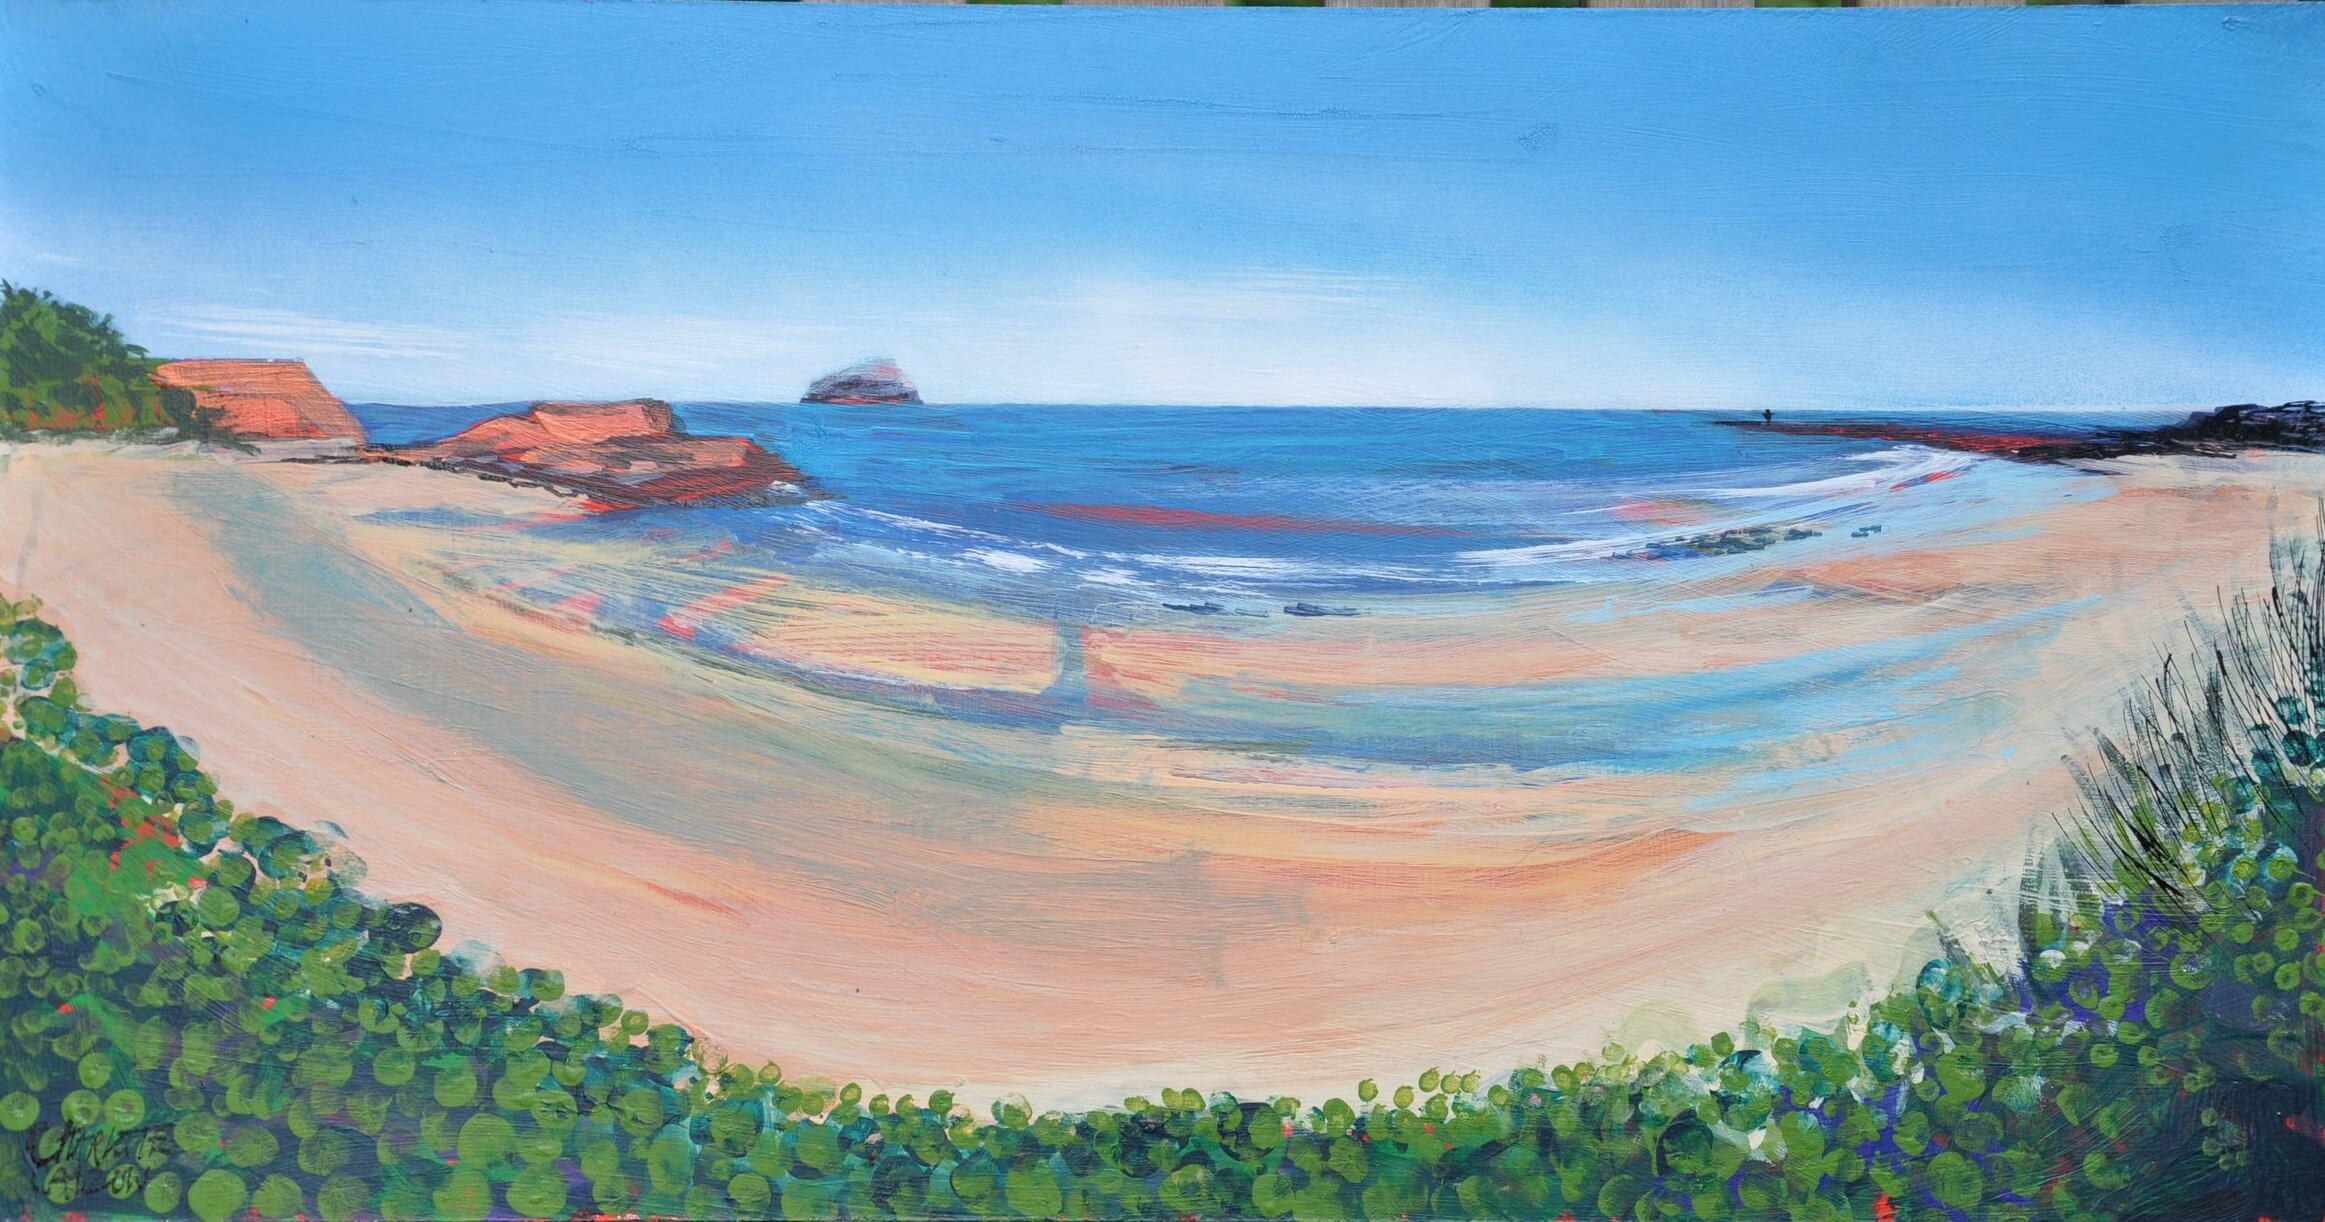 Seacliff+Beach.jpg